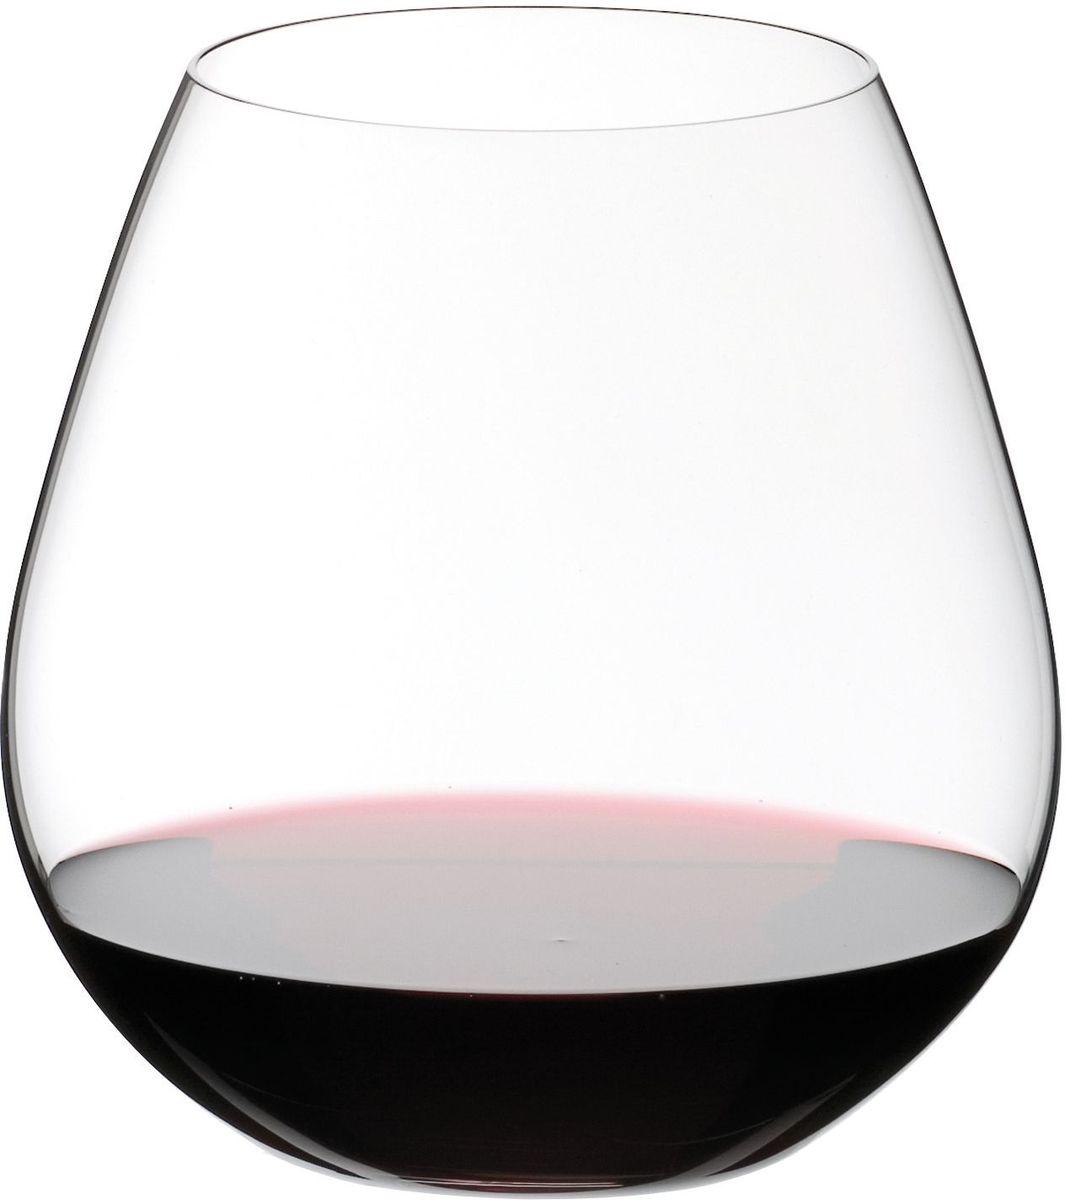 Набор бокалов для красного вина Riedel O. Pinot. Nebbiollo, 690 мл, 2 шт0414/07Хрустальные бокалы Riedel O. Pinot. Nebbiollo прекрасно впишутся в любую сервировку стола. Они отлично подойдут для красного вина. Бокалы Riedel очень удобны для каждодневного использования, они легки в уходе.Высота: 11,2 см.